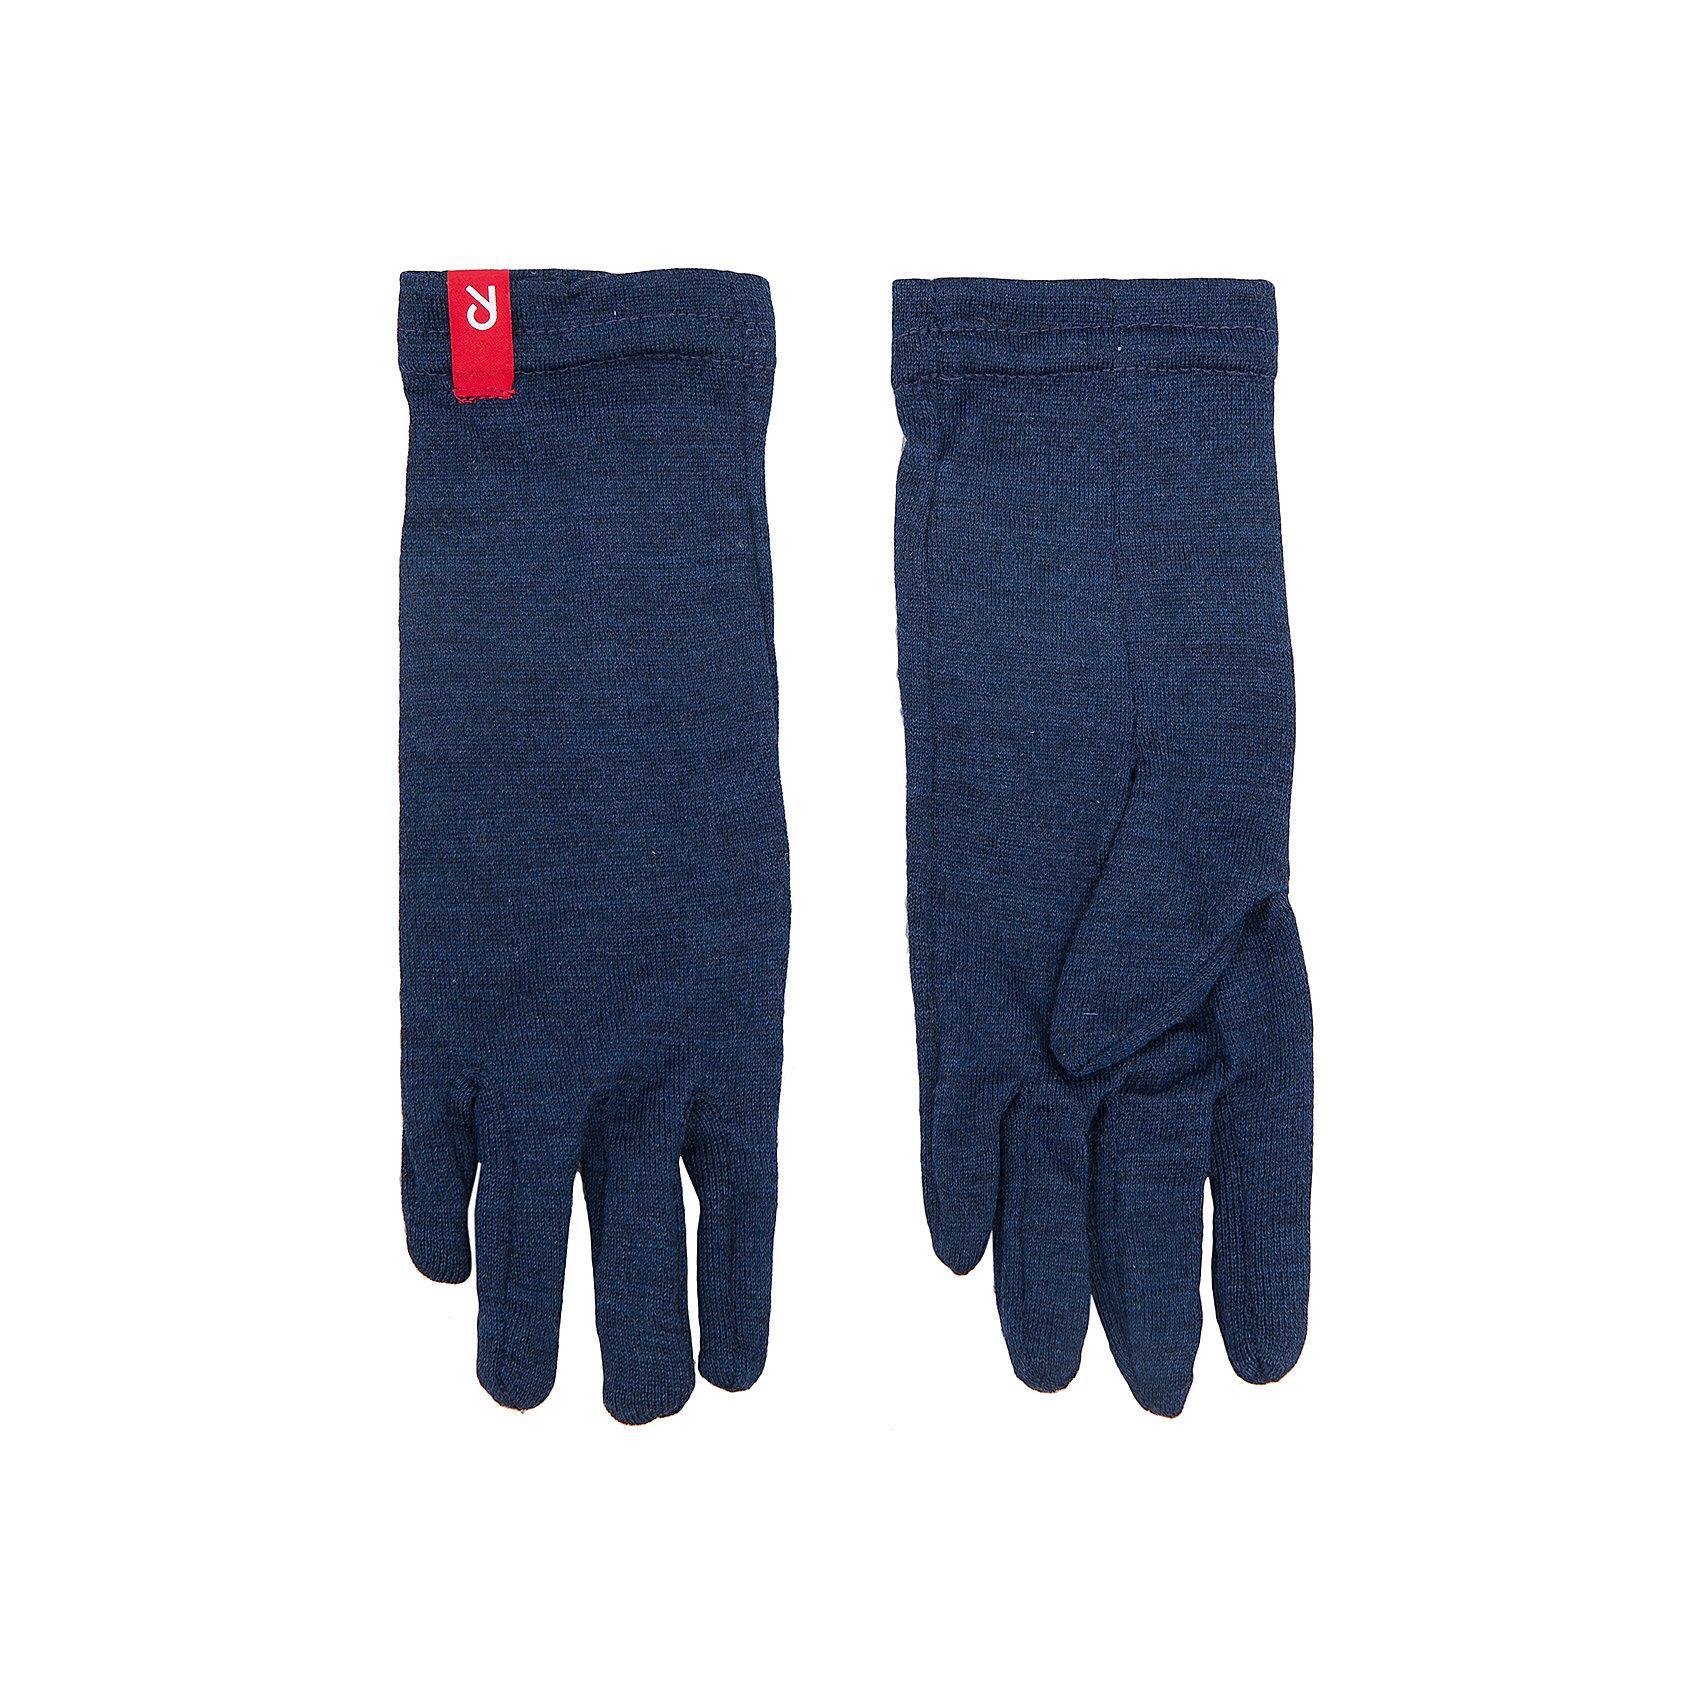 Перчатки Sledder ReimaПерчатки и варежки<br>Перчатки  Reima<br>Демисезонные перчатки для детей. Мягкая ткань из мериносовой шерсти для поддержания идеальной температуры тела. Облегченный материал! Легкий стиль, без подкладки. Логотип Reima® спереди.<br>Уход:<br>Стирать по отдельности, вывернув наизнанку. Придать первоначальную форму вo влажном виде. Возможна усадка 5 %.<br>Состав:<br>100% Шерсть<br><br>Ширина мм: 162<br>Глубина мм: 171<br>Высота мм: 55<br>Вес г: 119<br>Цвет: синий<br>Возраст от месяцев: 144<br>Возраст до месяцев: 168<br>Пол: Унисекс<br>Возраст: Детский<br>Размер: 8,3,4,5,6,7<br>SKU: 4779744